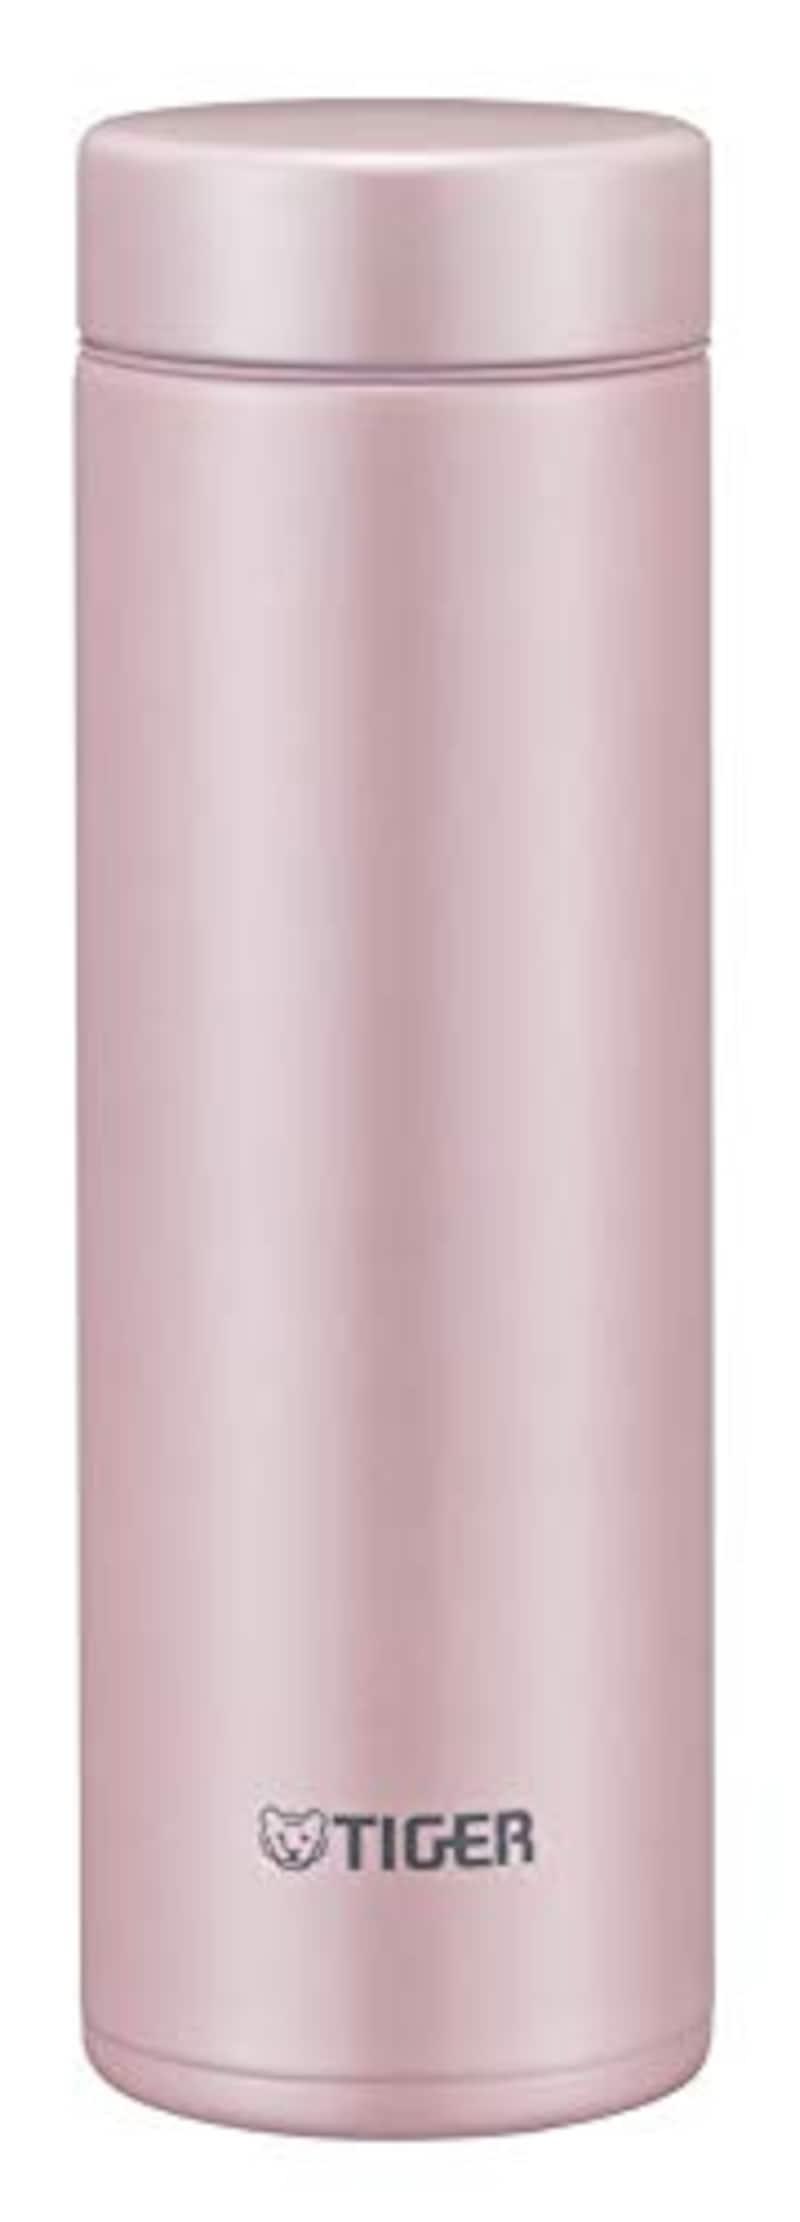 タイガー魔法瓶,マグボトル,MMP-J031PS